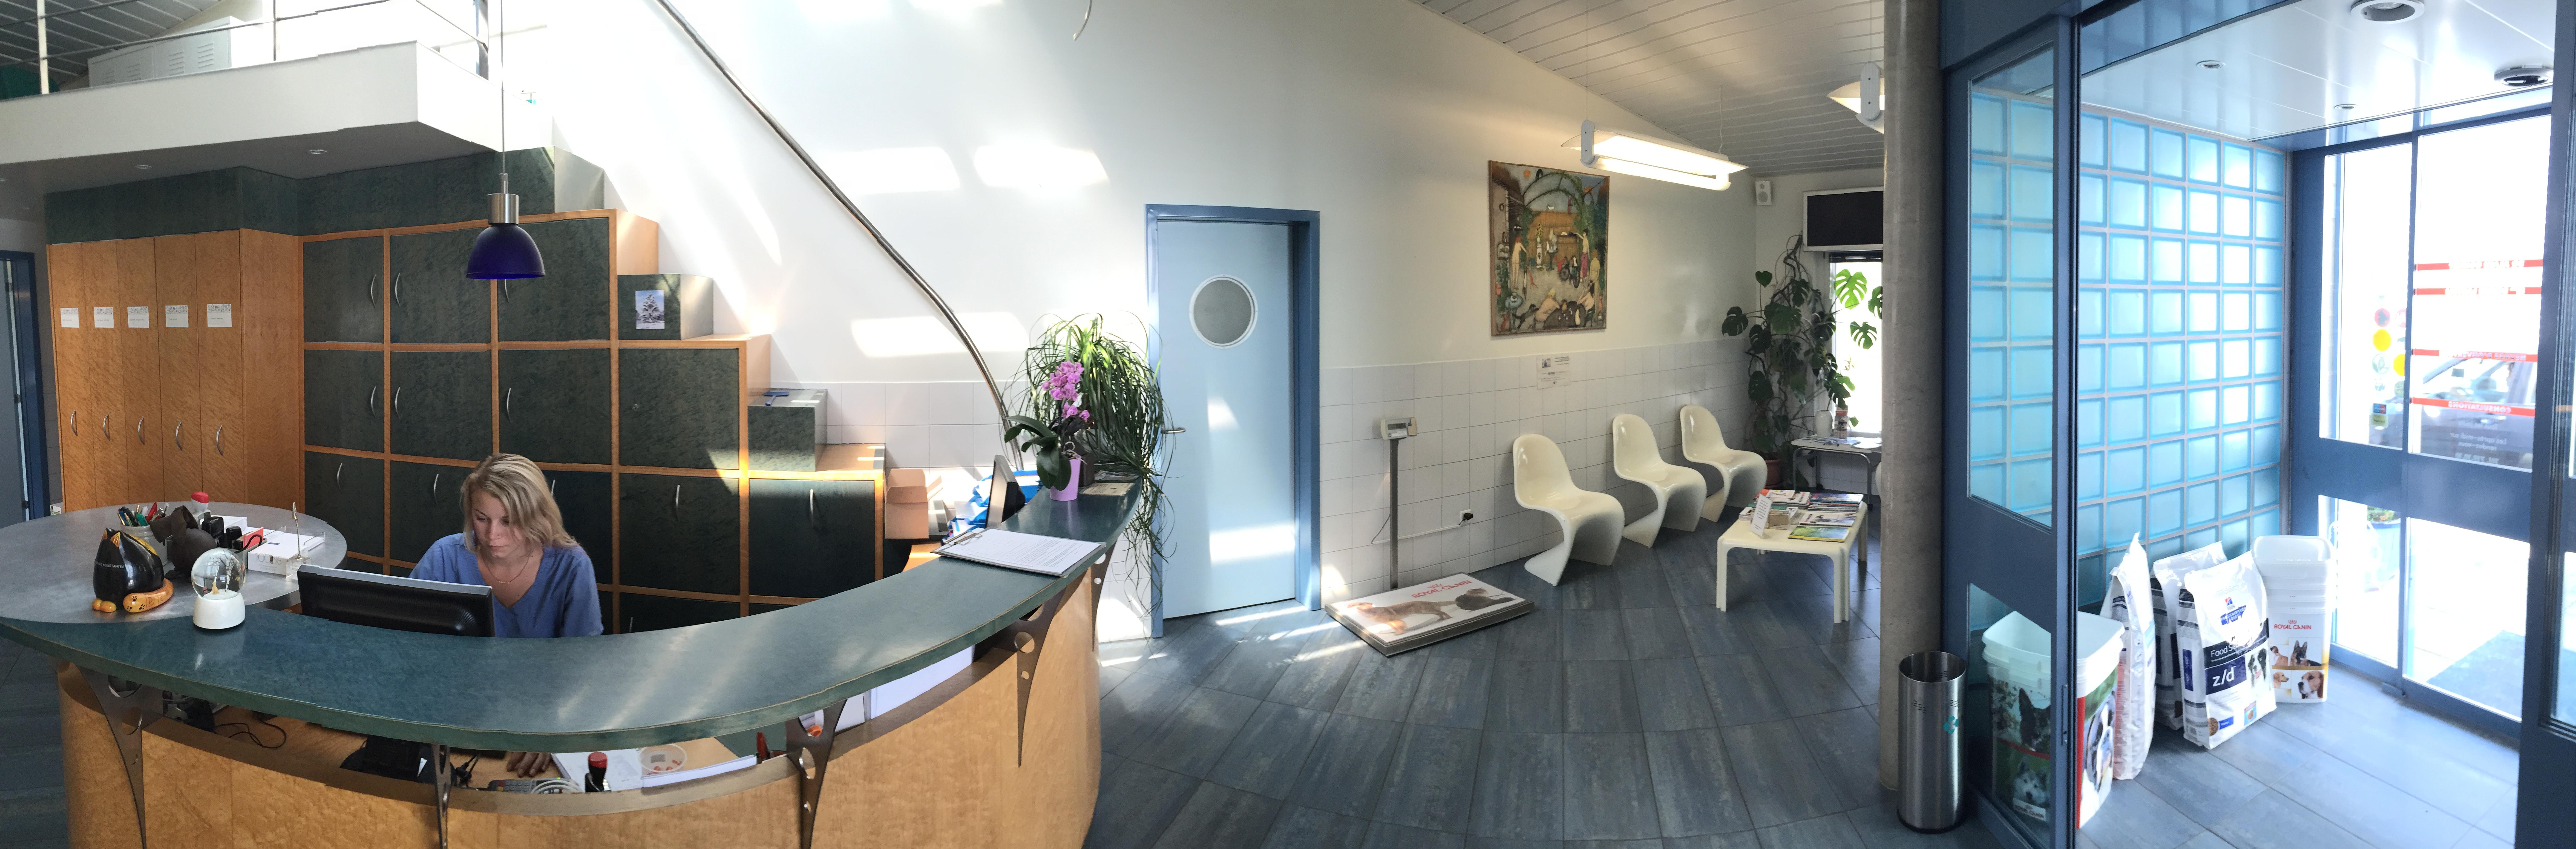 Réception et salle d'attente